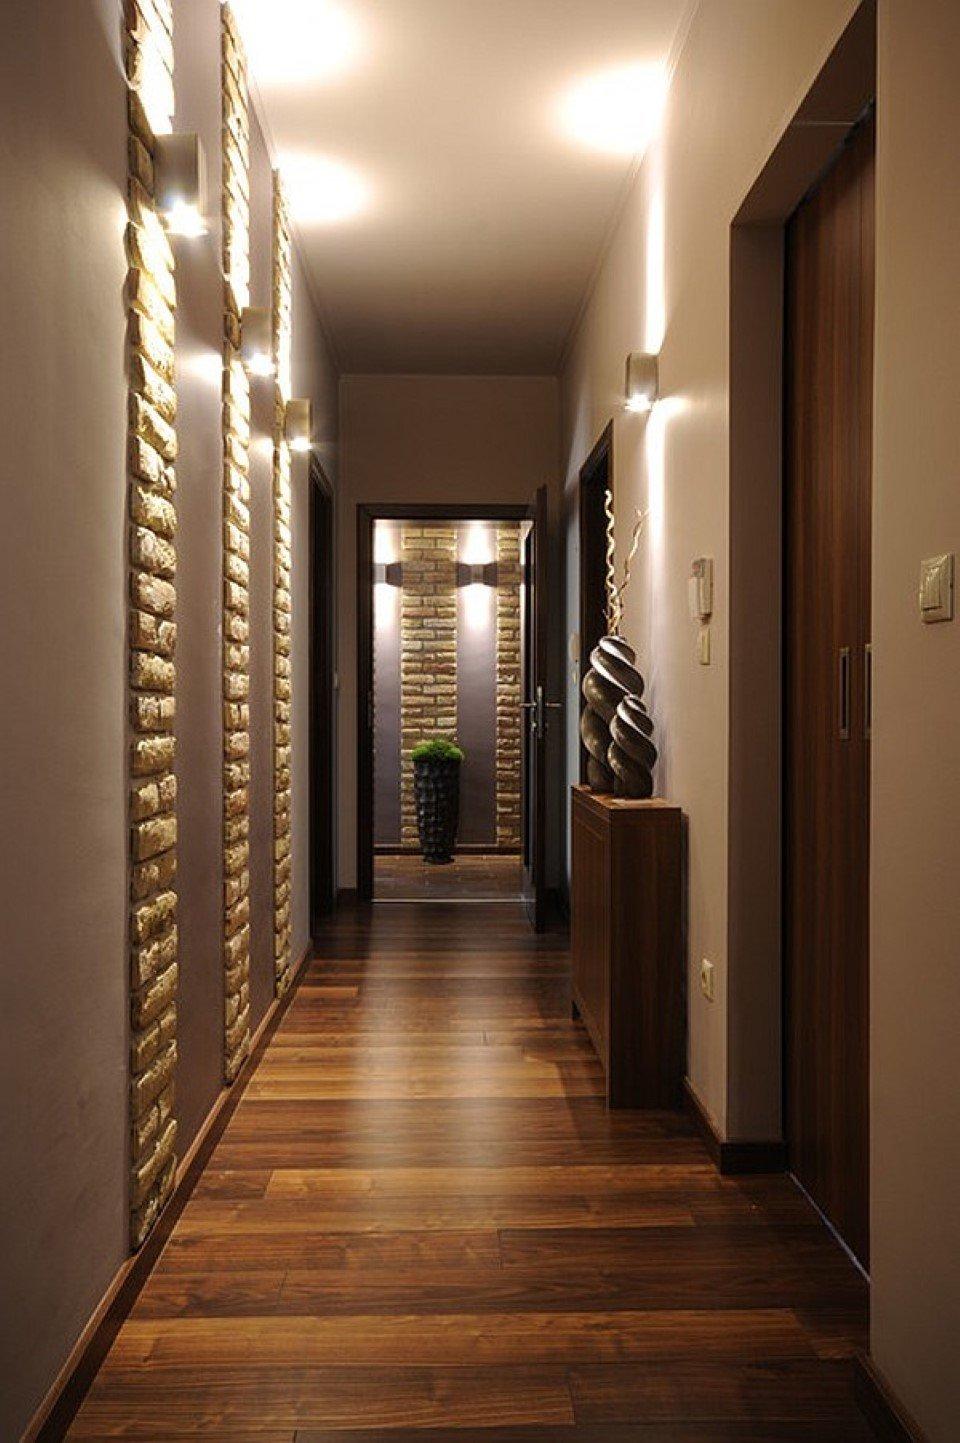 ебут фото длинного коридора отделанного кирпичиками анальный